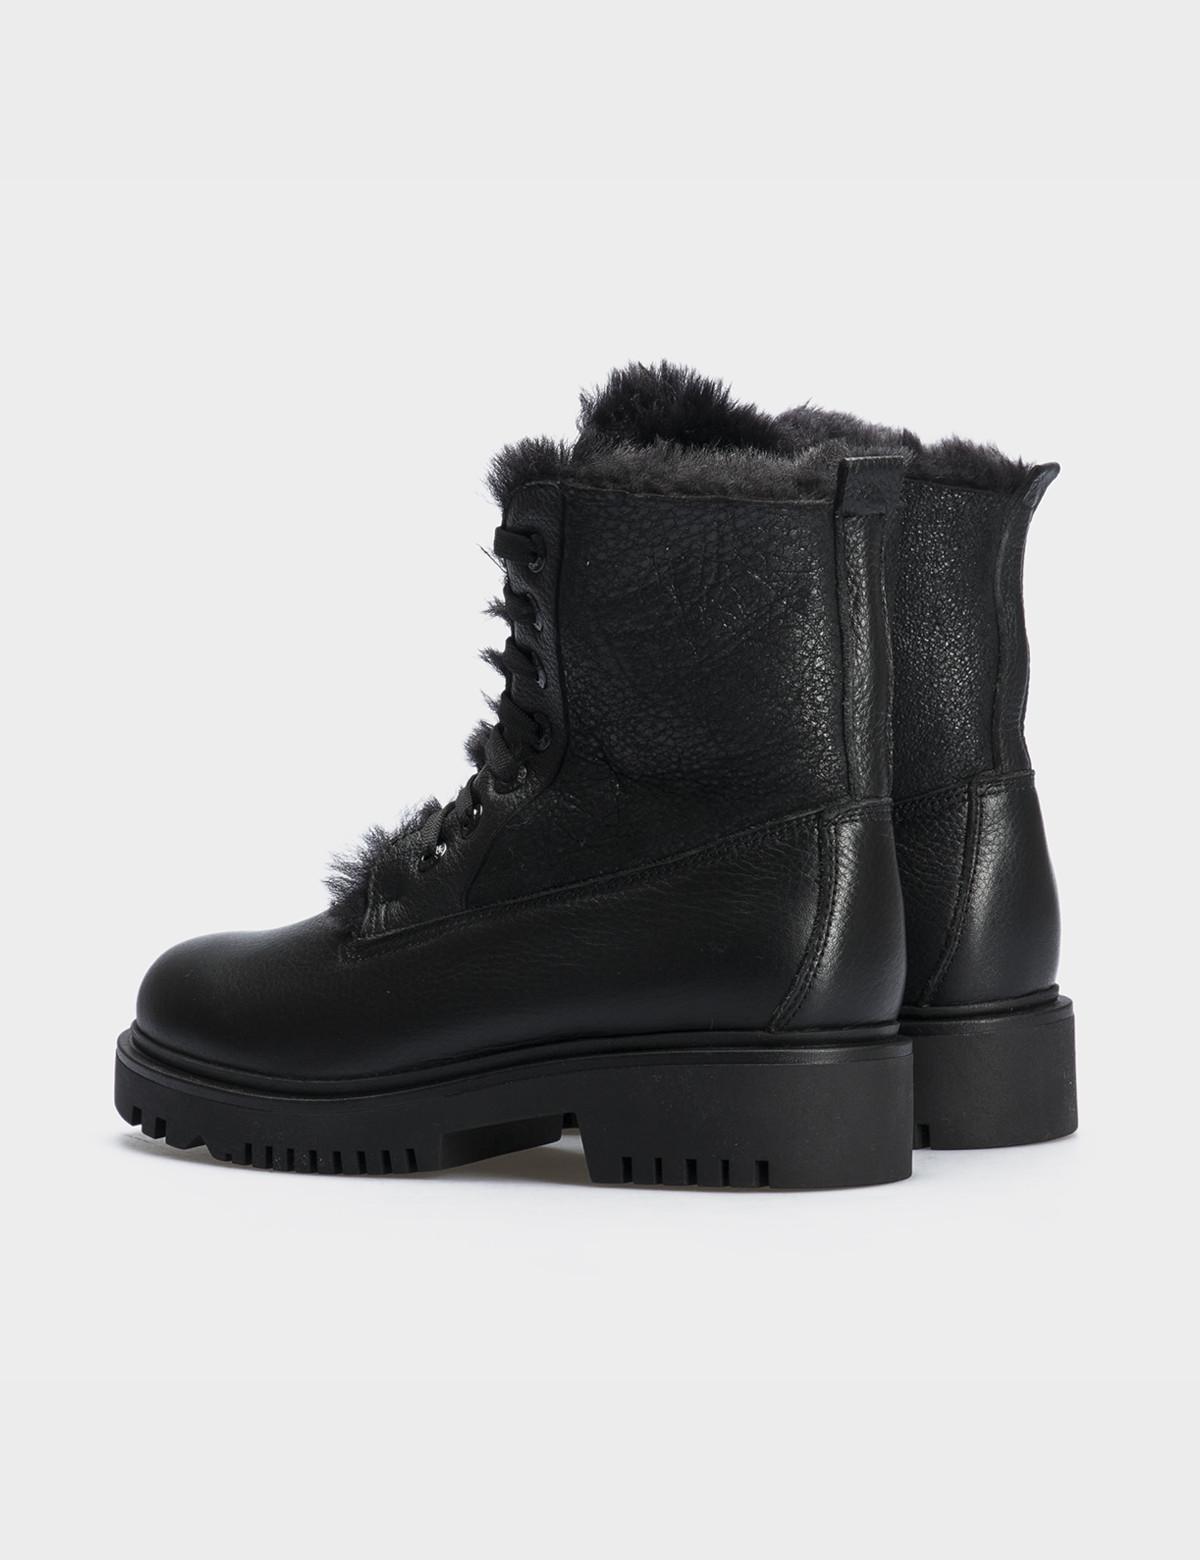 Ботинки черные,натуральная кожа. Шерсть2